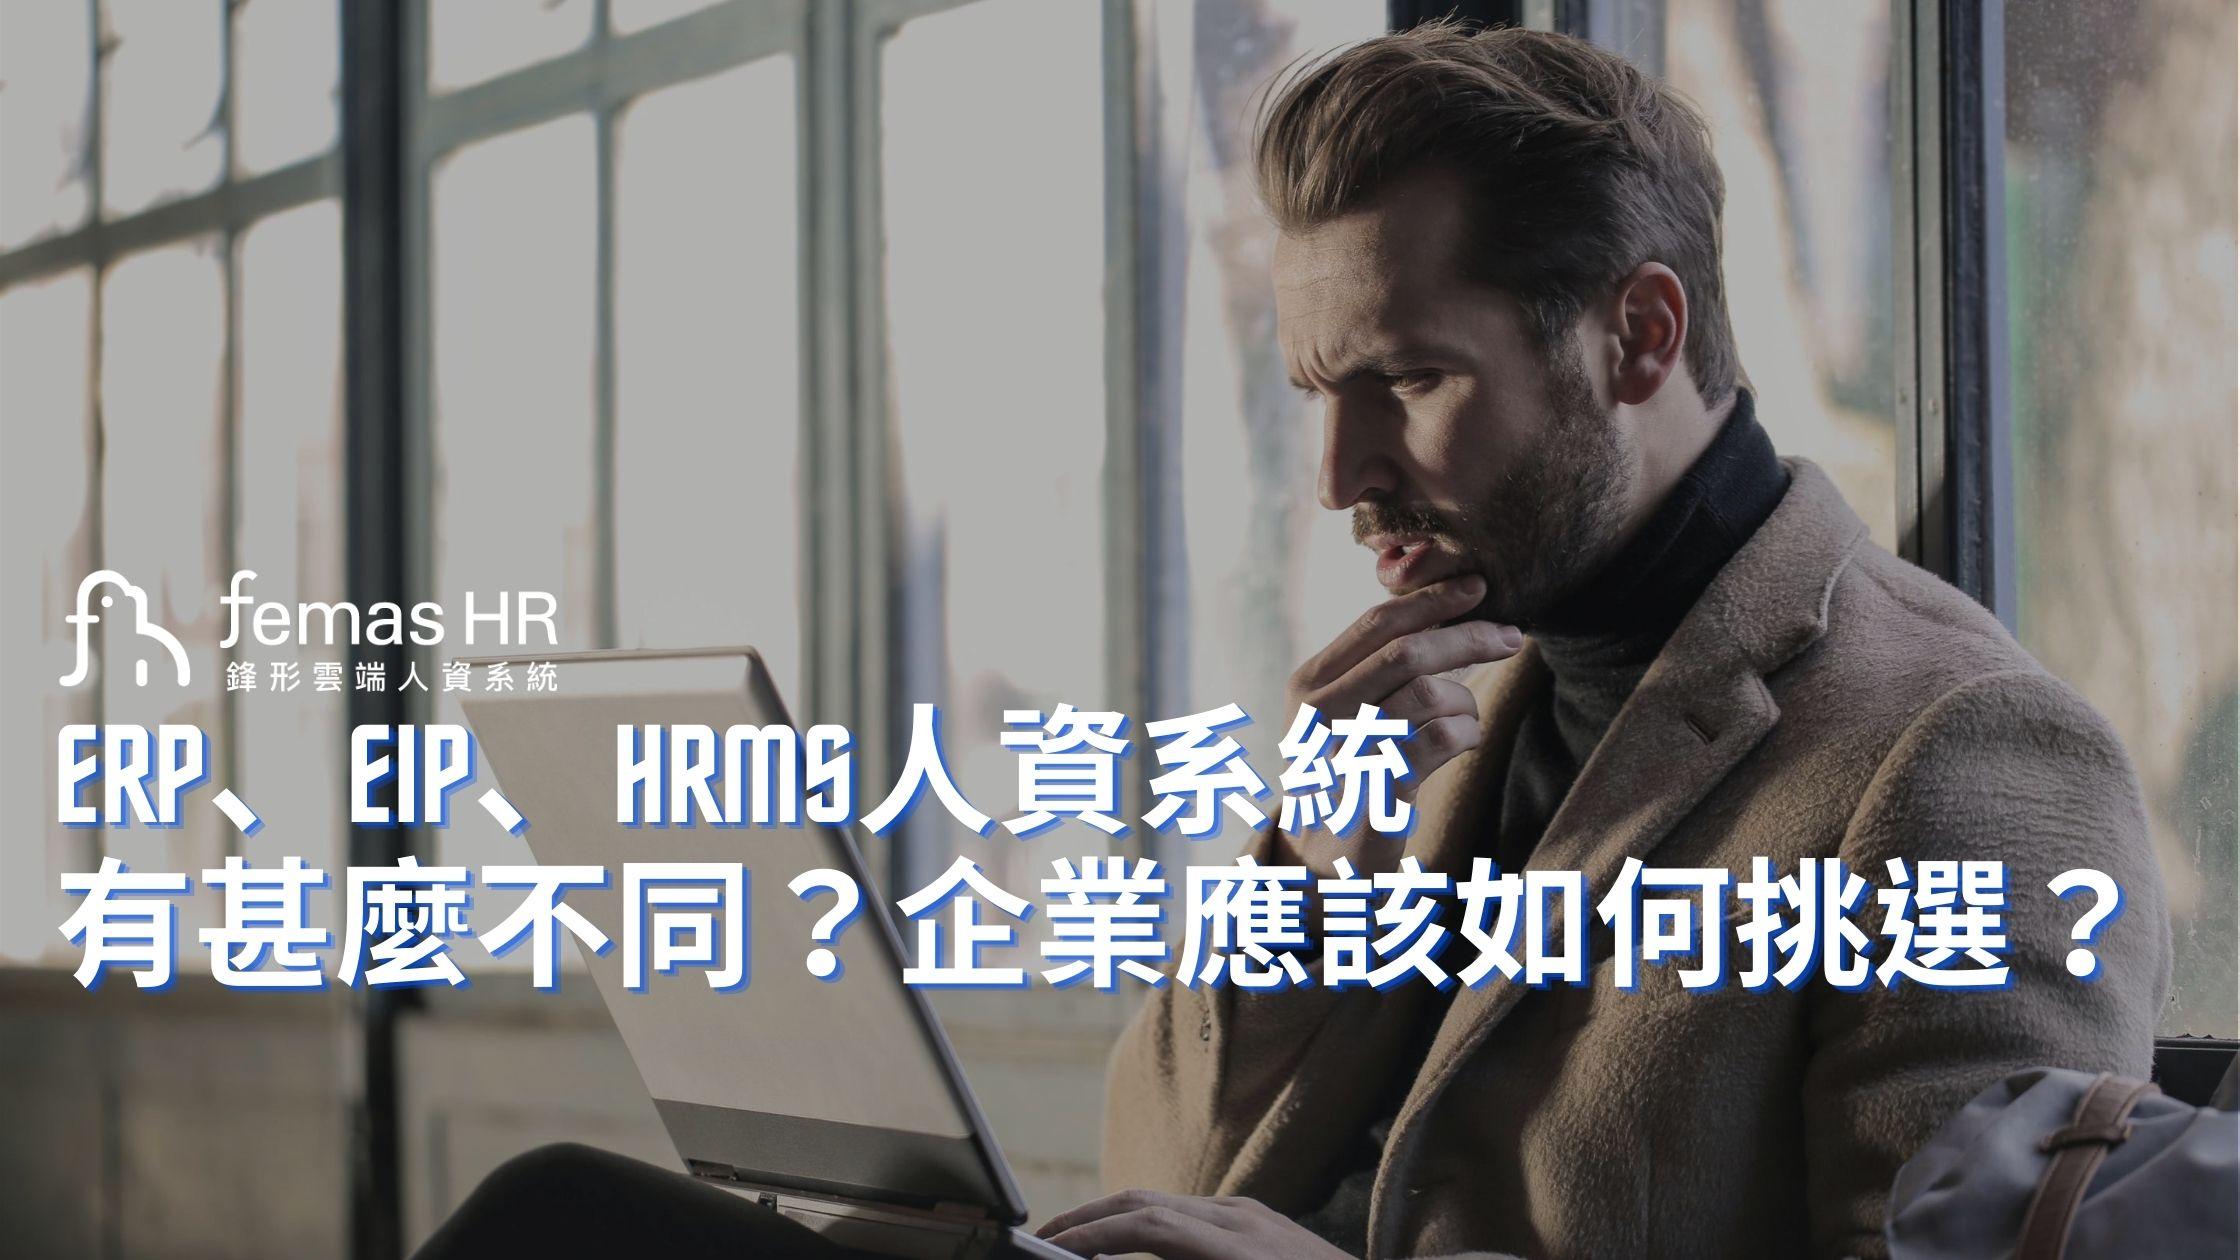 鋒形人資系統 ERP EIP HRMS